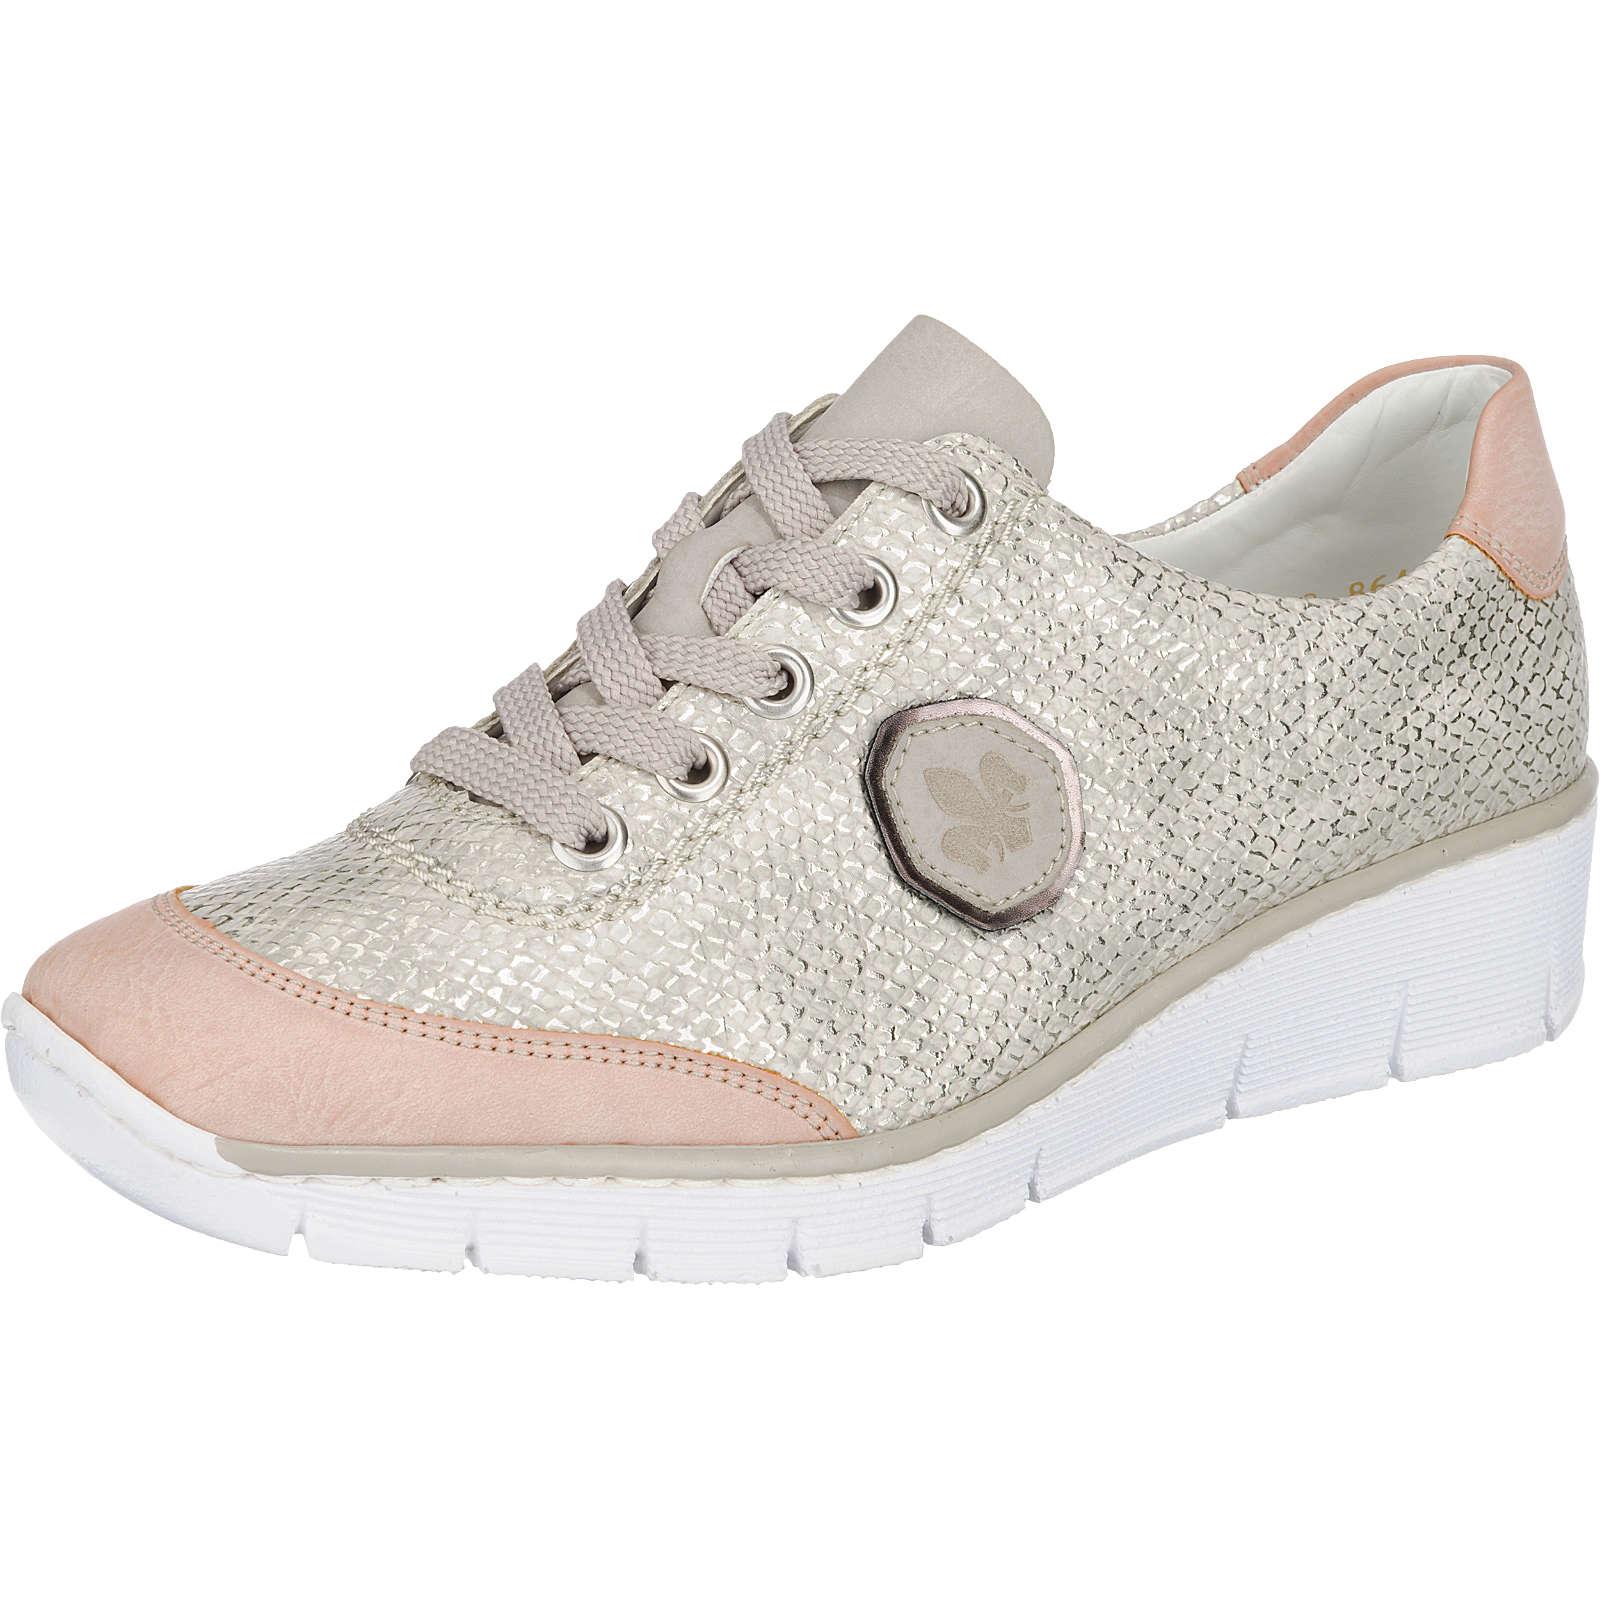 rieker Sneakers grau-kombi Damen Gr. 38